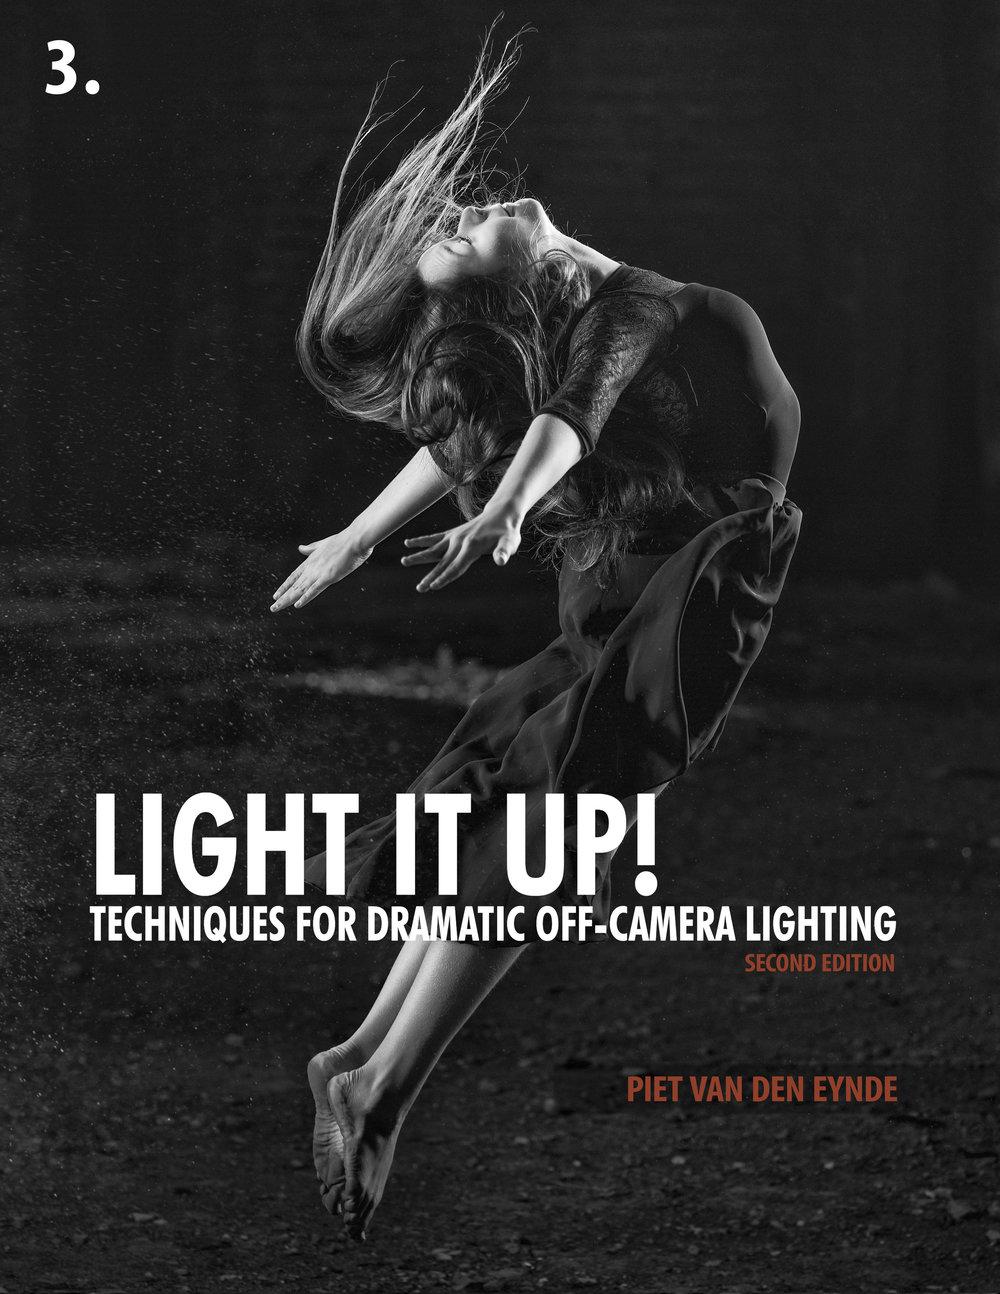 LightItUpCover_03kopie.jpg